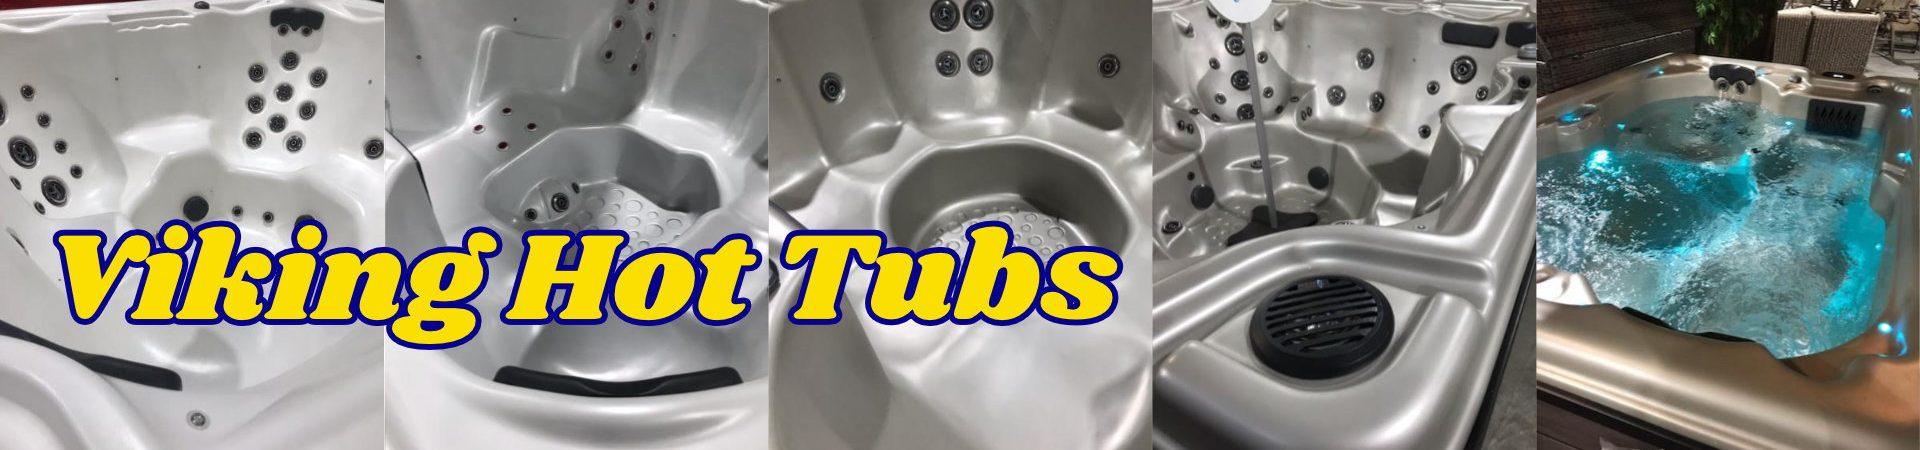 Viking Hot Tubs